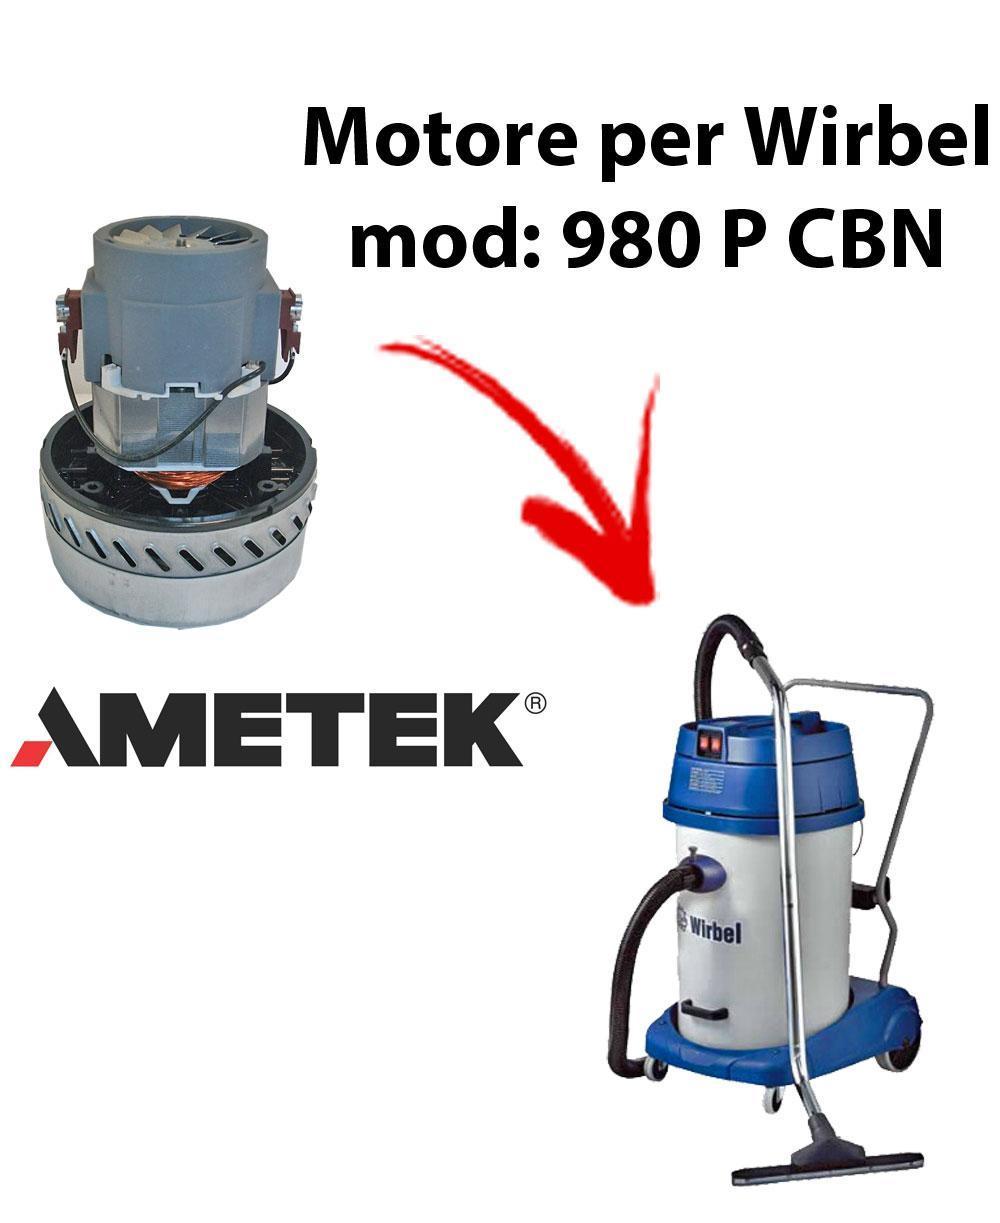 980 P CBN Motore de aspiración AMETEK para aspiradora y aspiradora húmeda WIRBEL